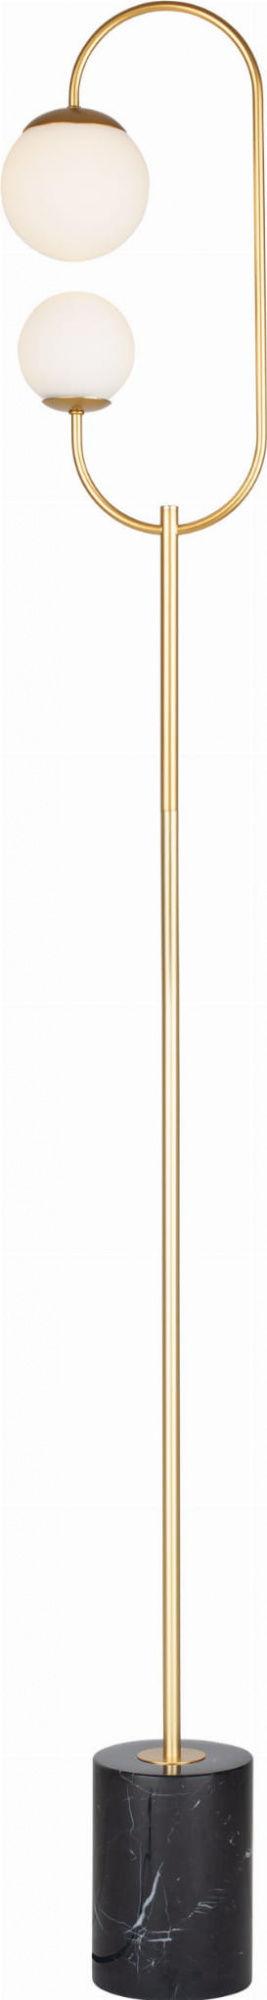 Lampa podłogowa TORO F0049 MAXlight nowoczesna oprawa w kolorze złotym